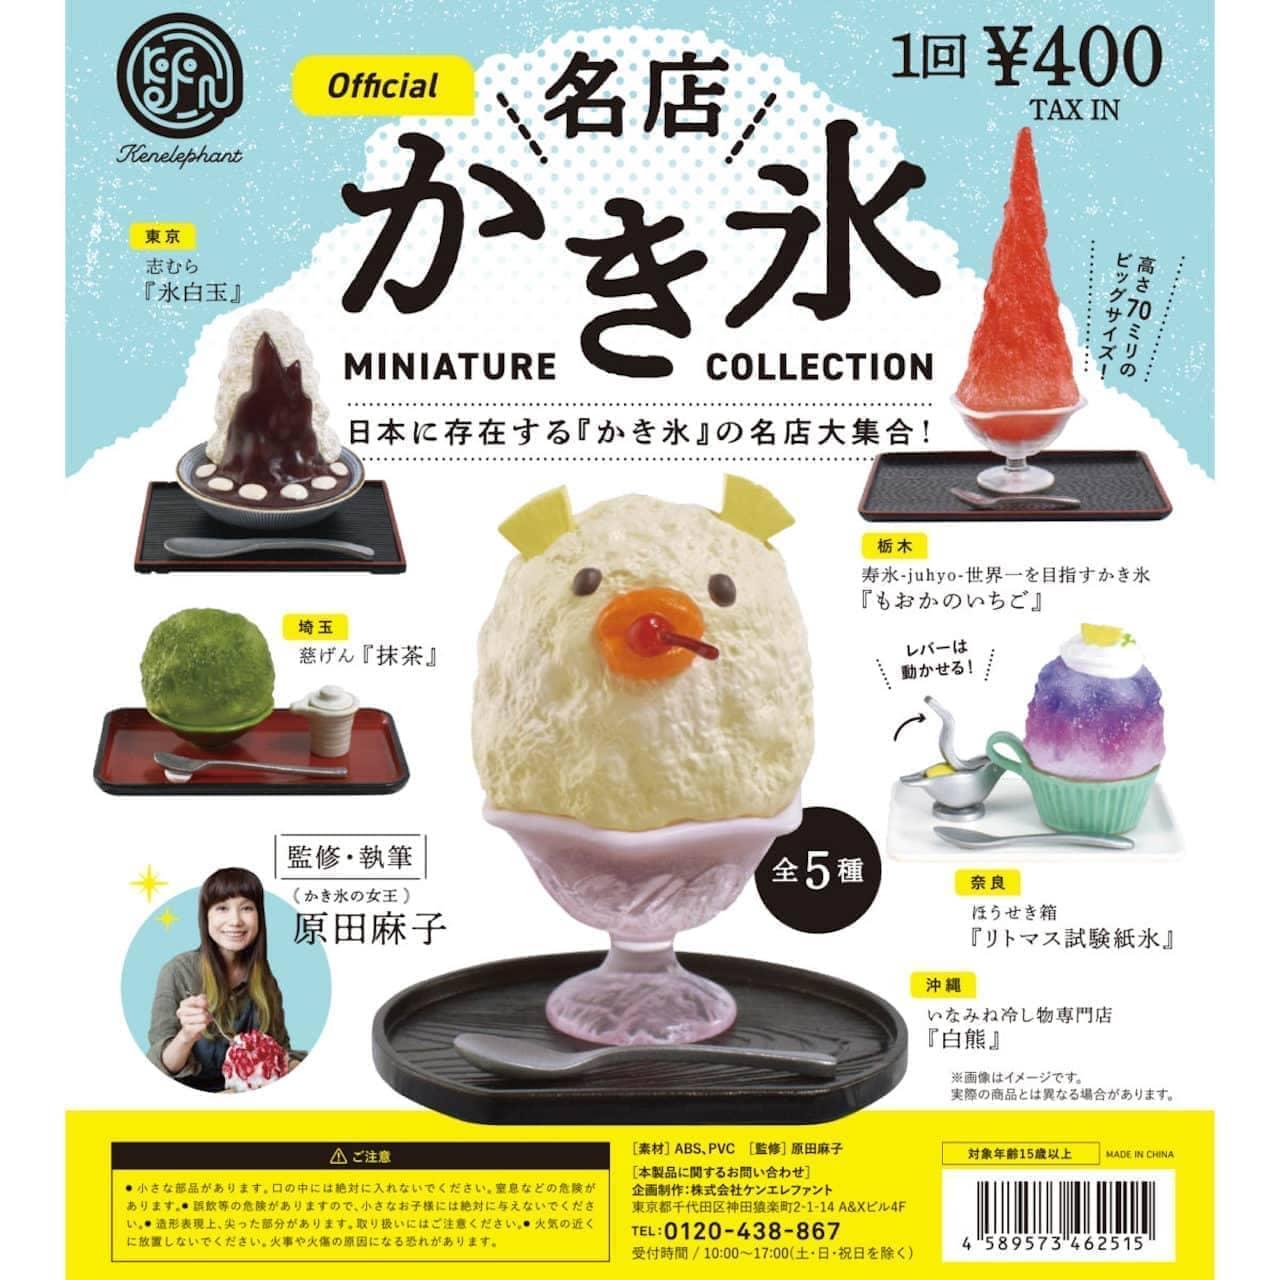 「名店 かき氷 ミニチュア コレクション」ケンエレファントから